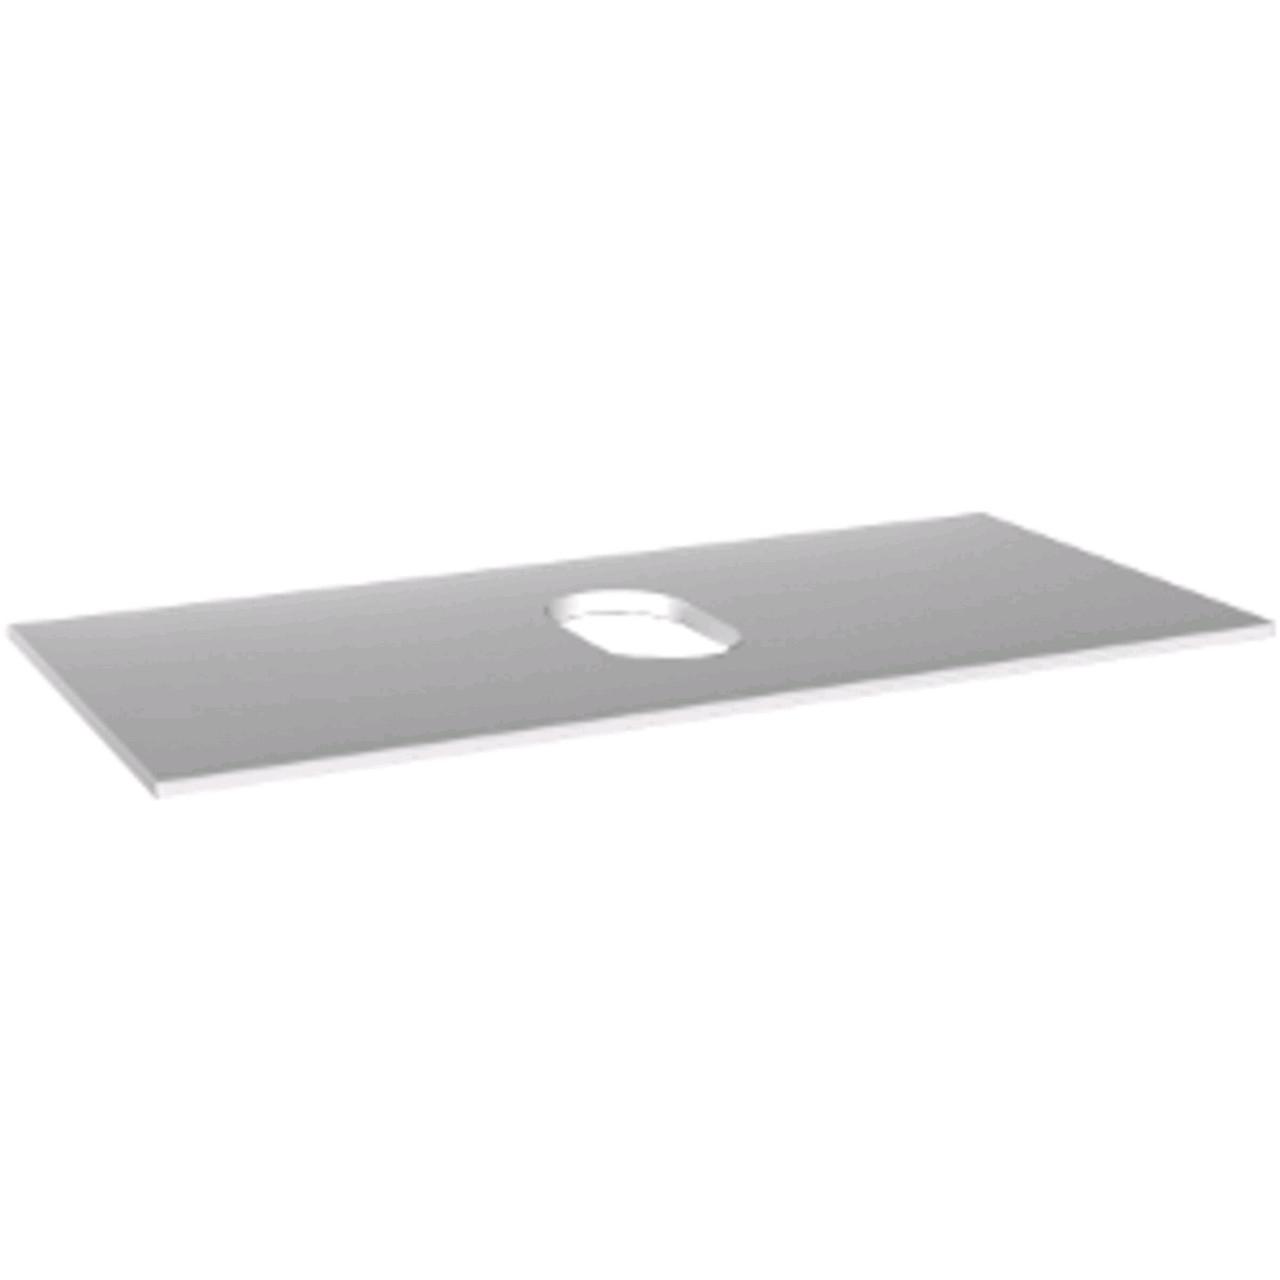 Столешница с отверстием посередине 76x1,6x36см, при использовании шкафчика под умывальник, белый